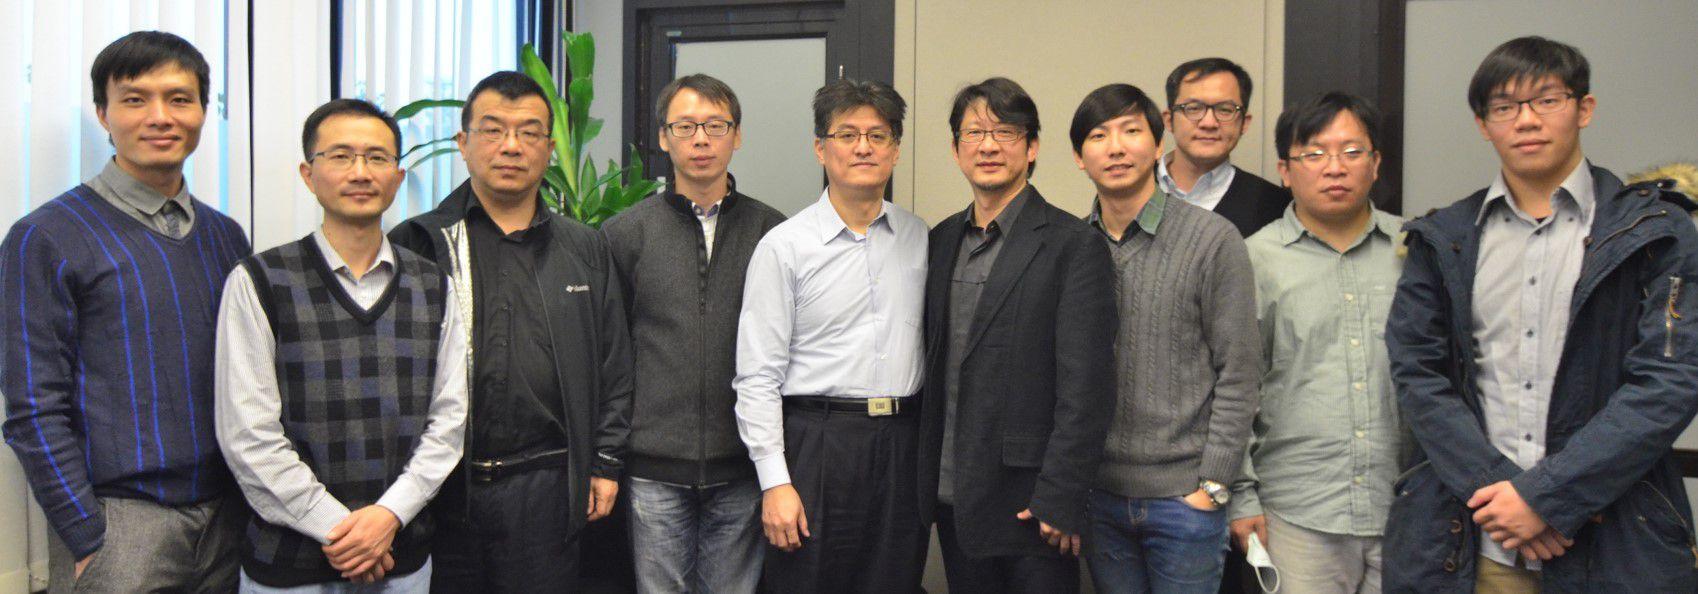 Autodesk中國區開發技術顧問團隊來訪WeBIM